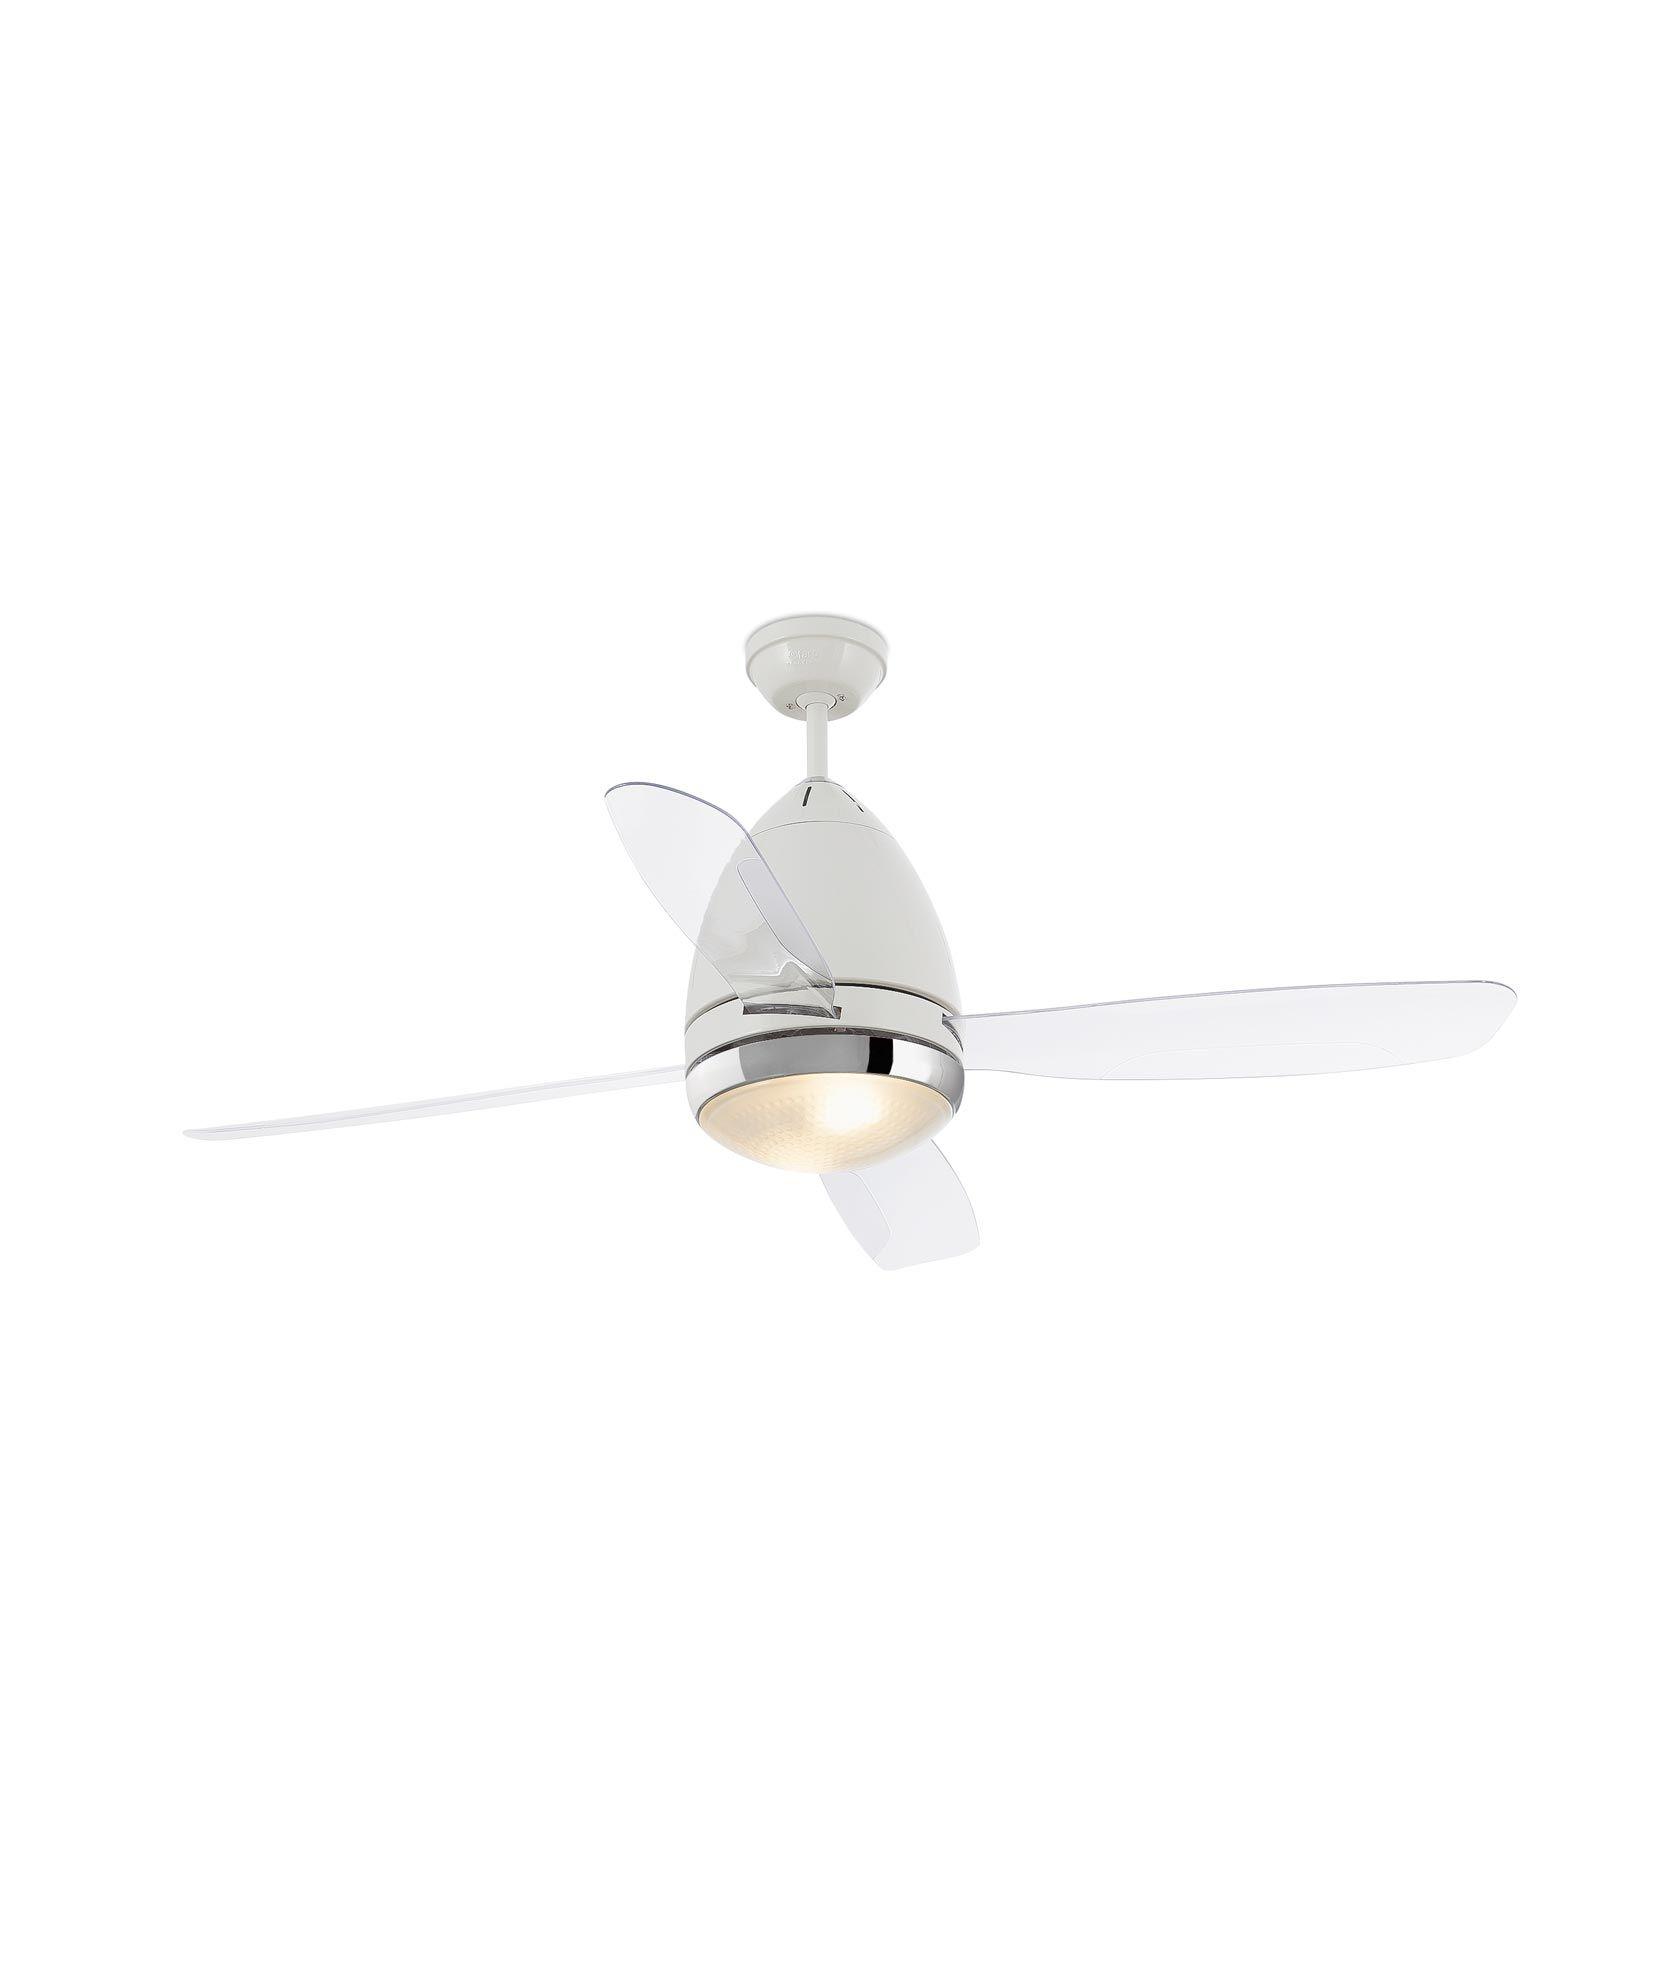 Ventilador MEDITERRANEO blanco ⋆ La Casa de la Lámpara